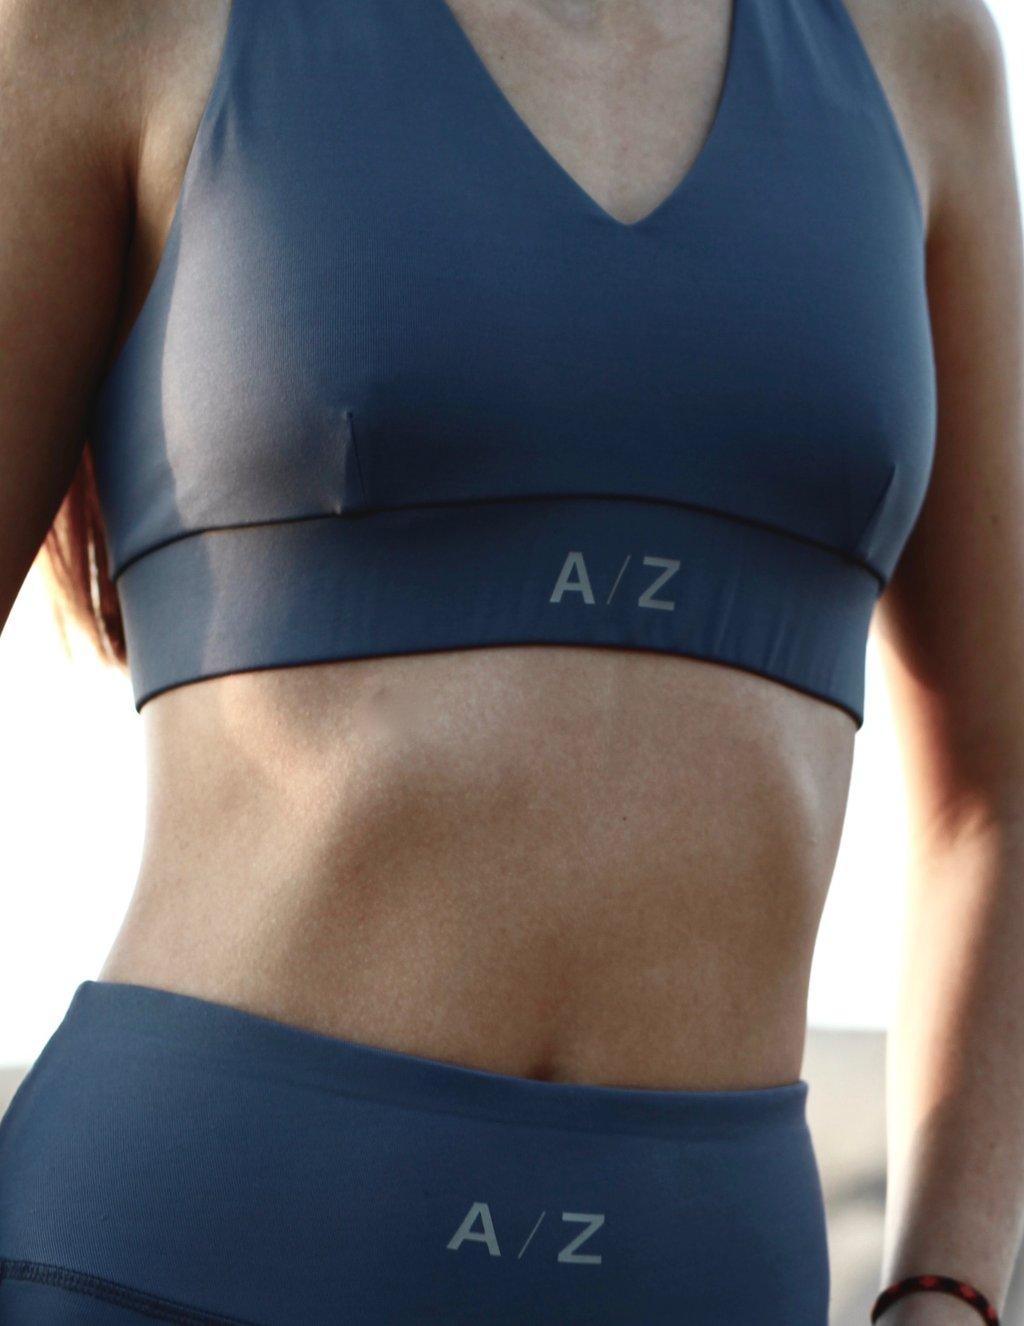 Image femme, on voit son corps du début de la poitrine jusqu'à la taille. Elle porte une brassière de la marque AZ/AR couleur blue/gris